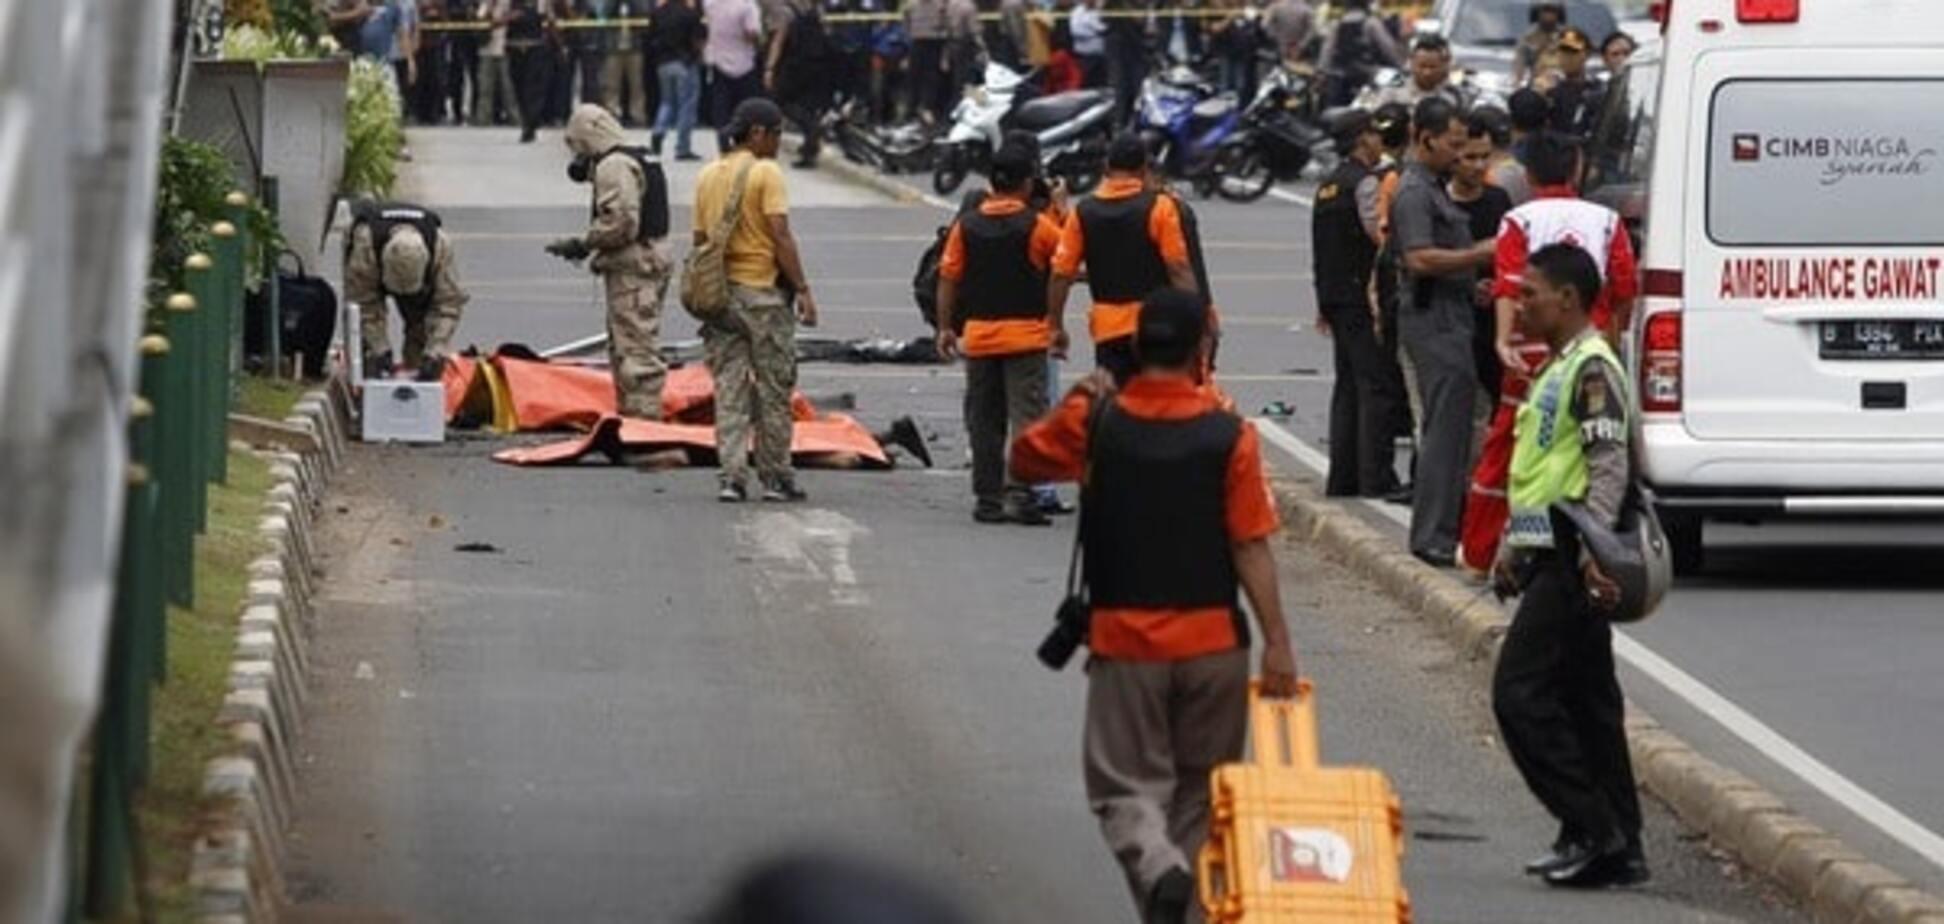 ІДІЛ всюдисущий: ісламісти взяли на себе відповідальність за теракти в Джакарті